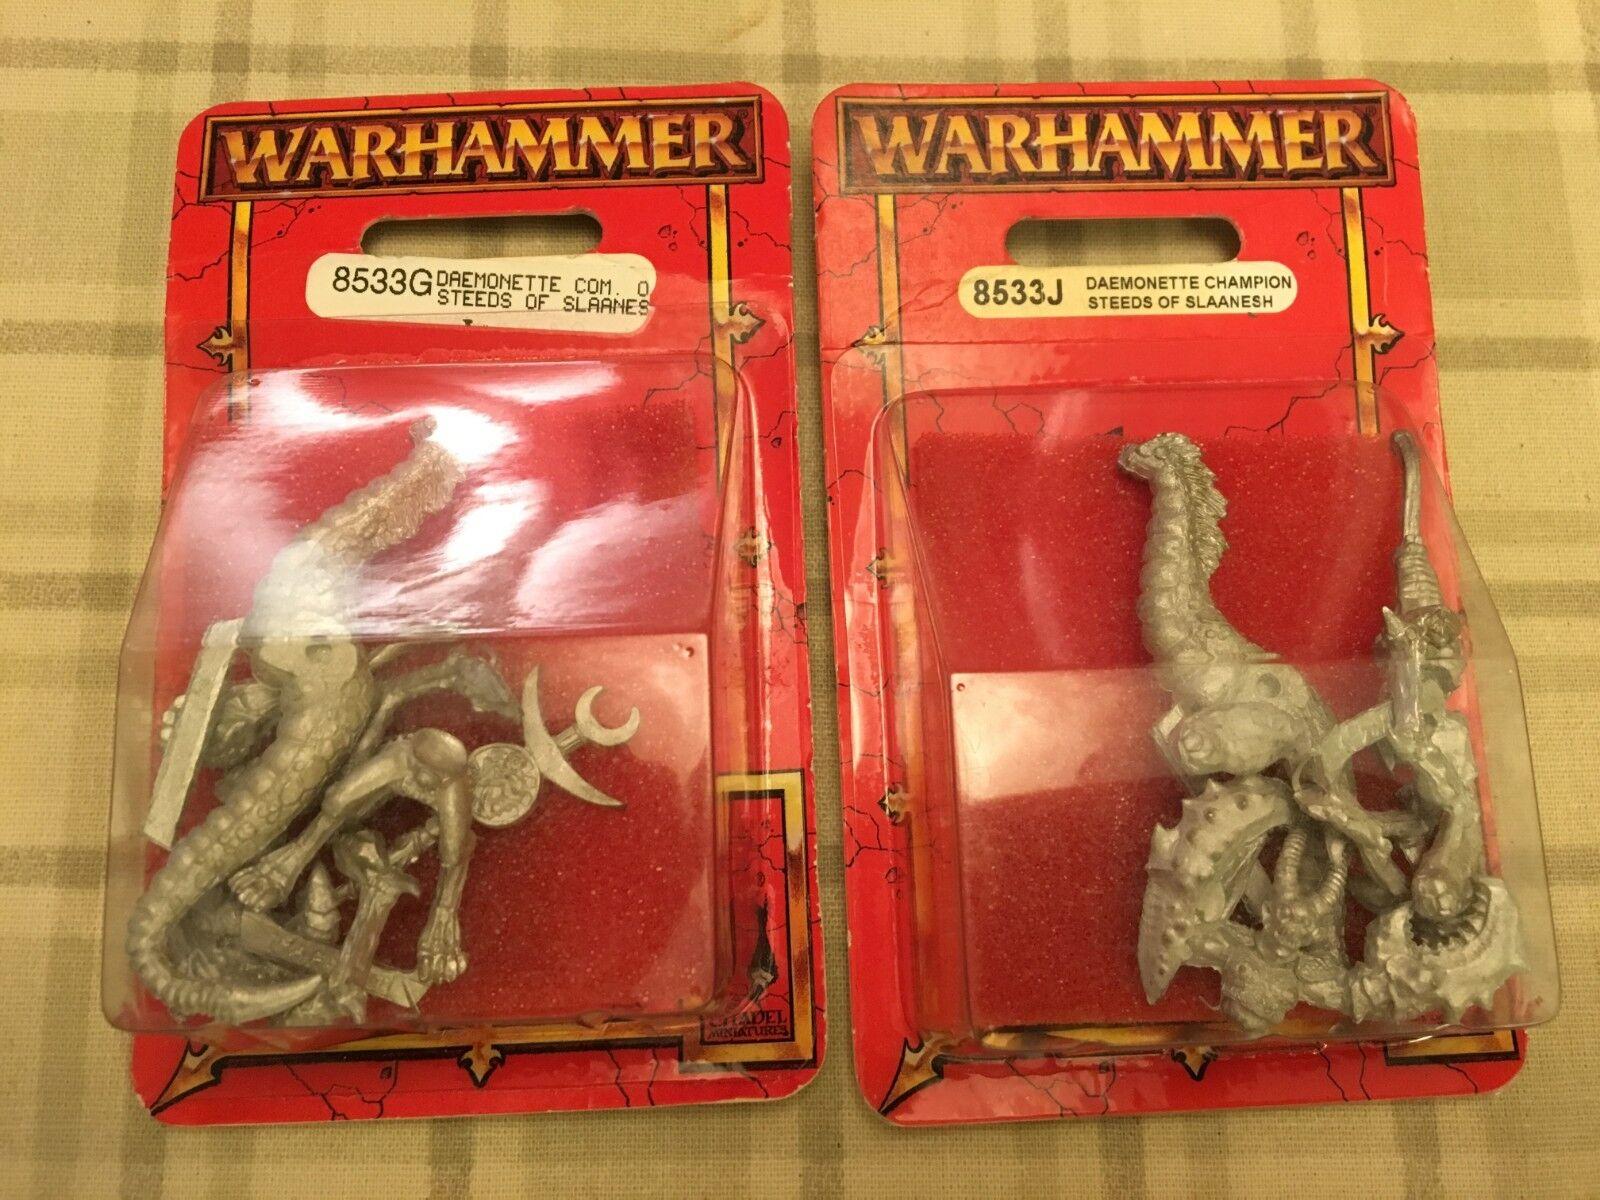 2 neue warhammer fantasy daemonette reiter von slaanesh blisterpackungen